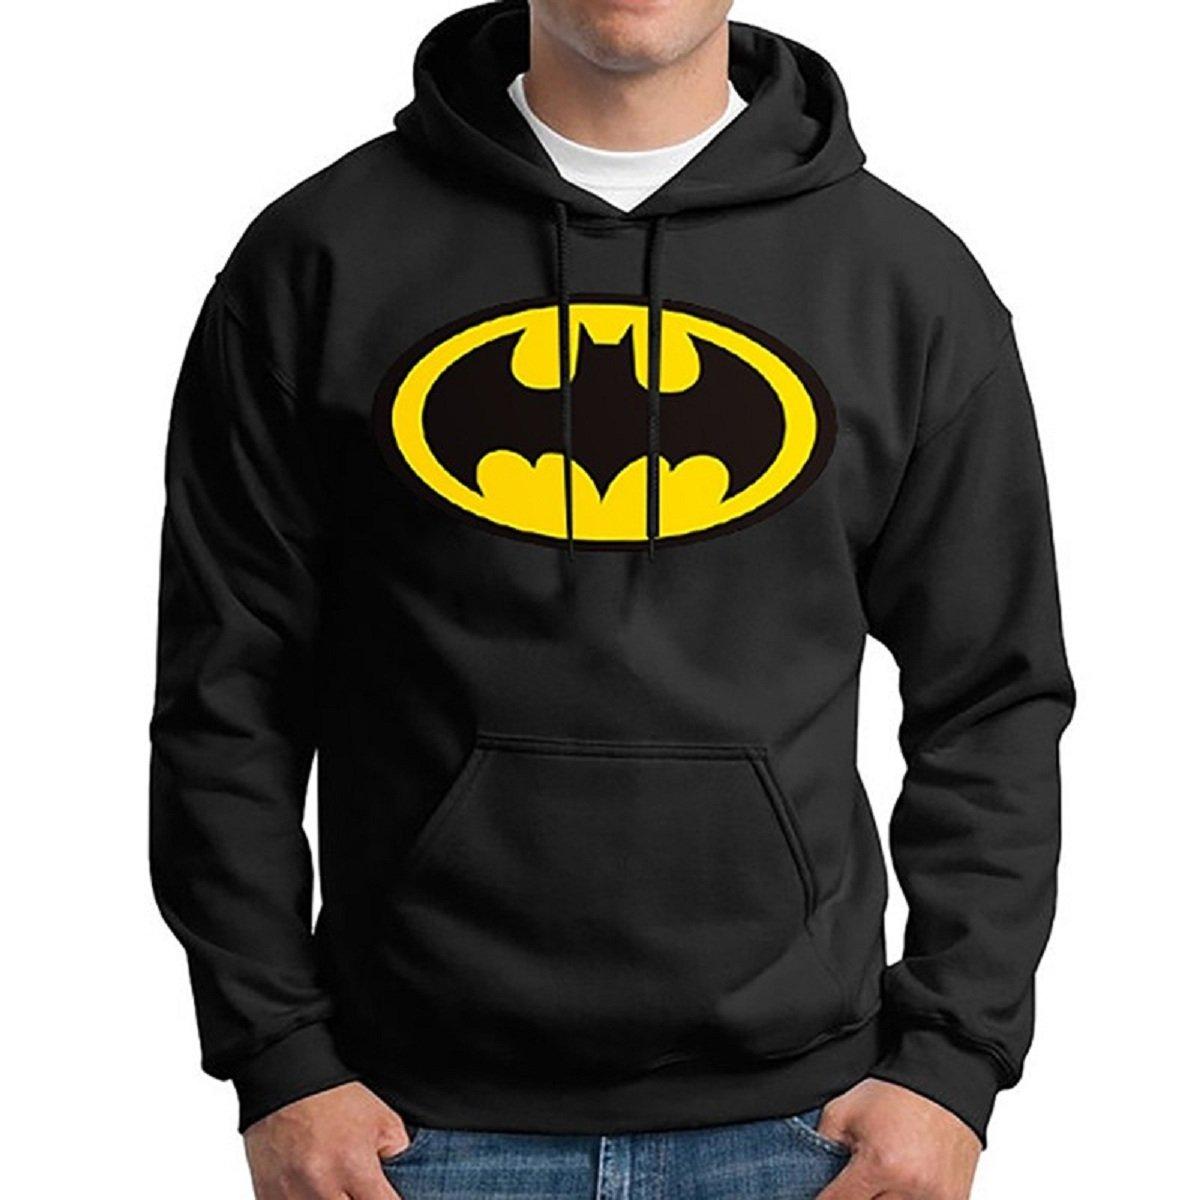 Inception Pro Infinite Sweatshirt - pour Hommes - Batman - Logo - À Capuche - Poches